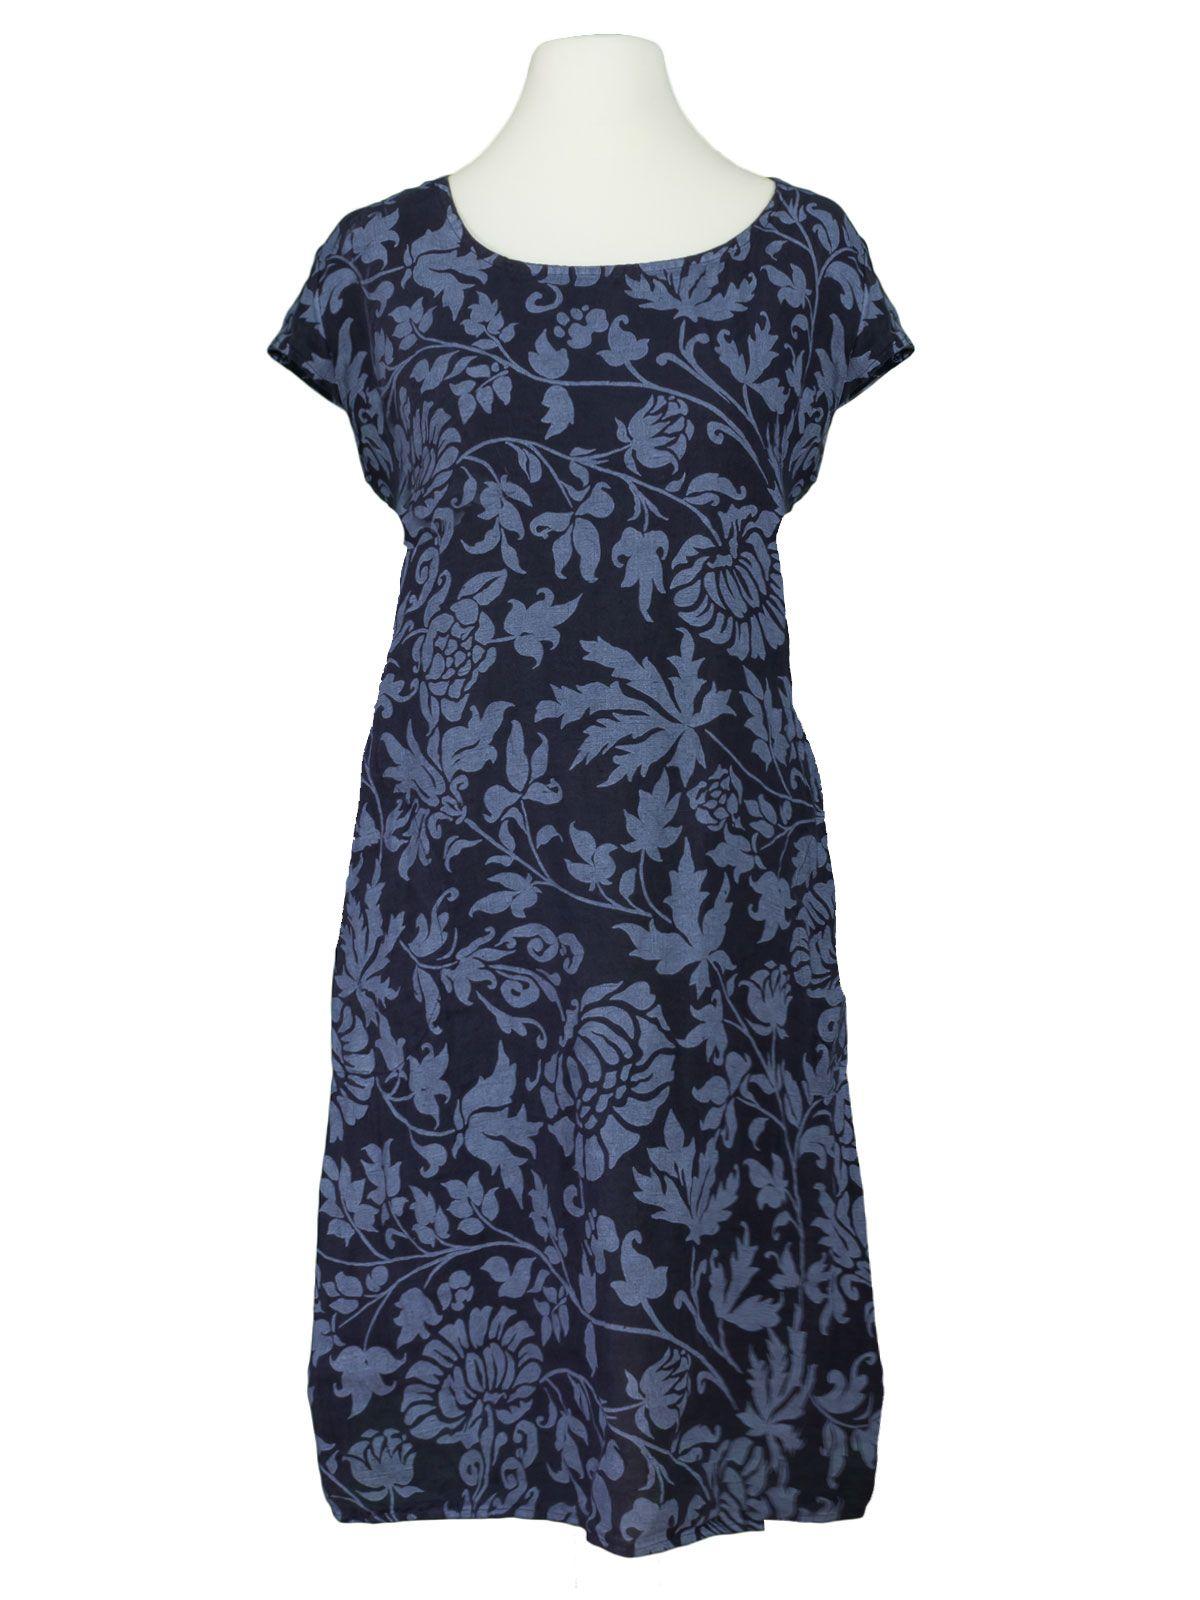 damen leinenkleid mit blütenprint, dunkelblau von diana